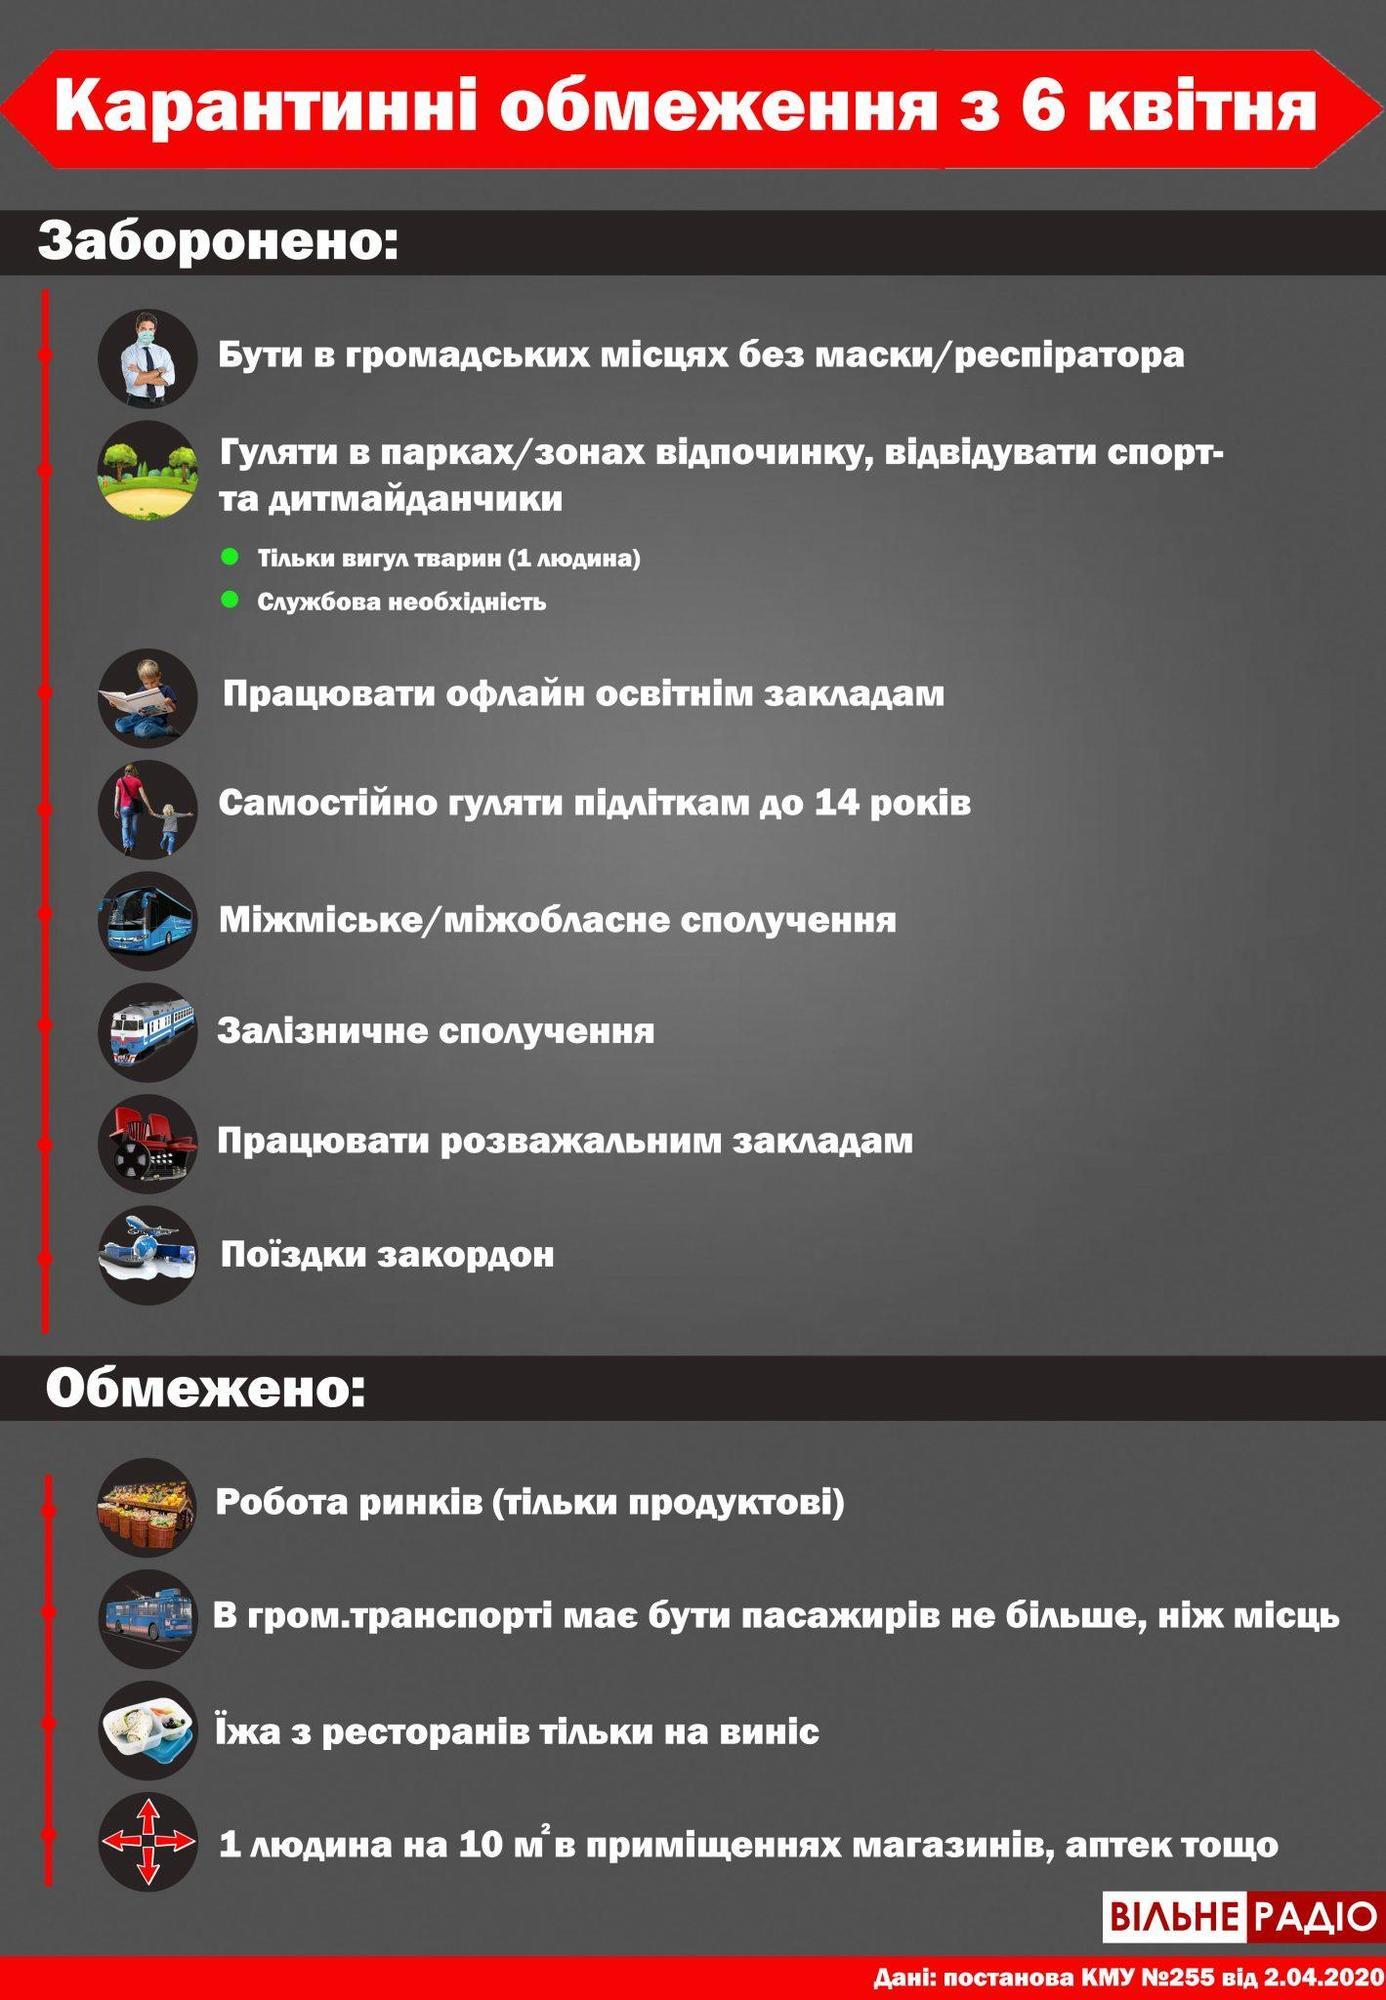 В Донецкой области умер пациент с диагнозом коронавирус